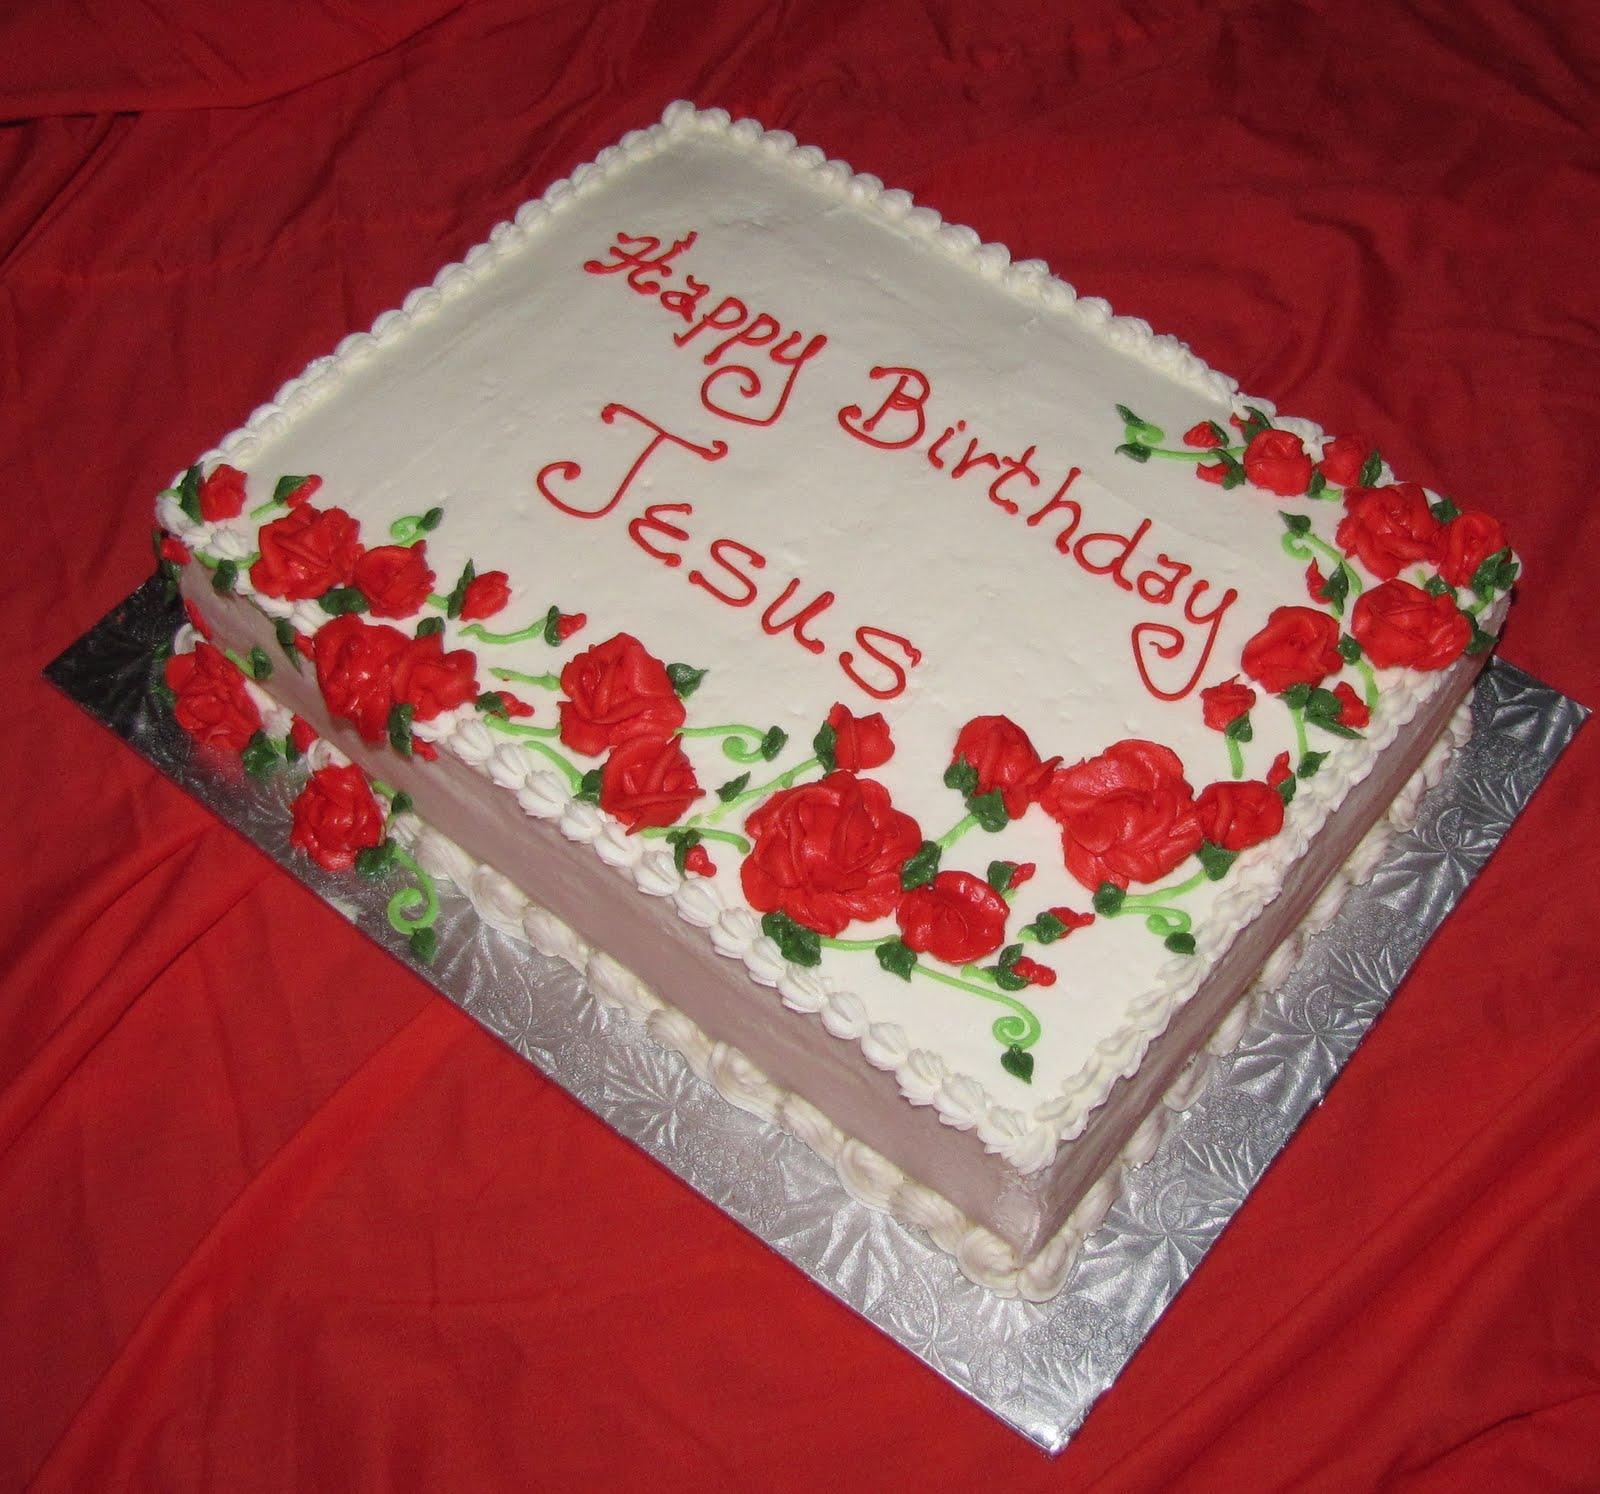 Swell 10 Christmas Jesus Birthday Cakes Photo Happy Birthday Jesus Birthday Cards Printable Benkemecafe Filternl